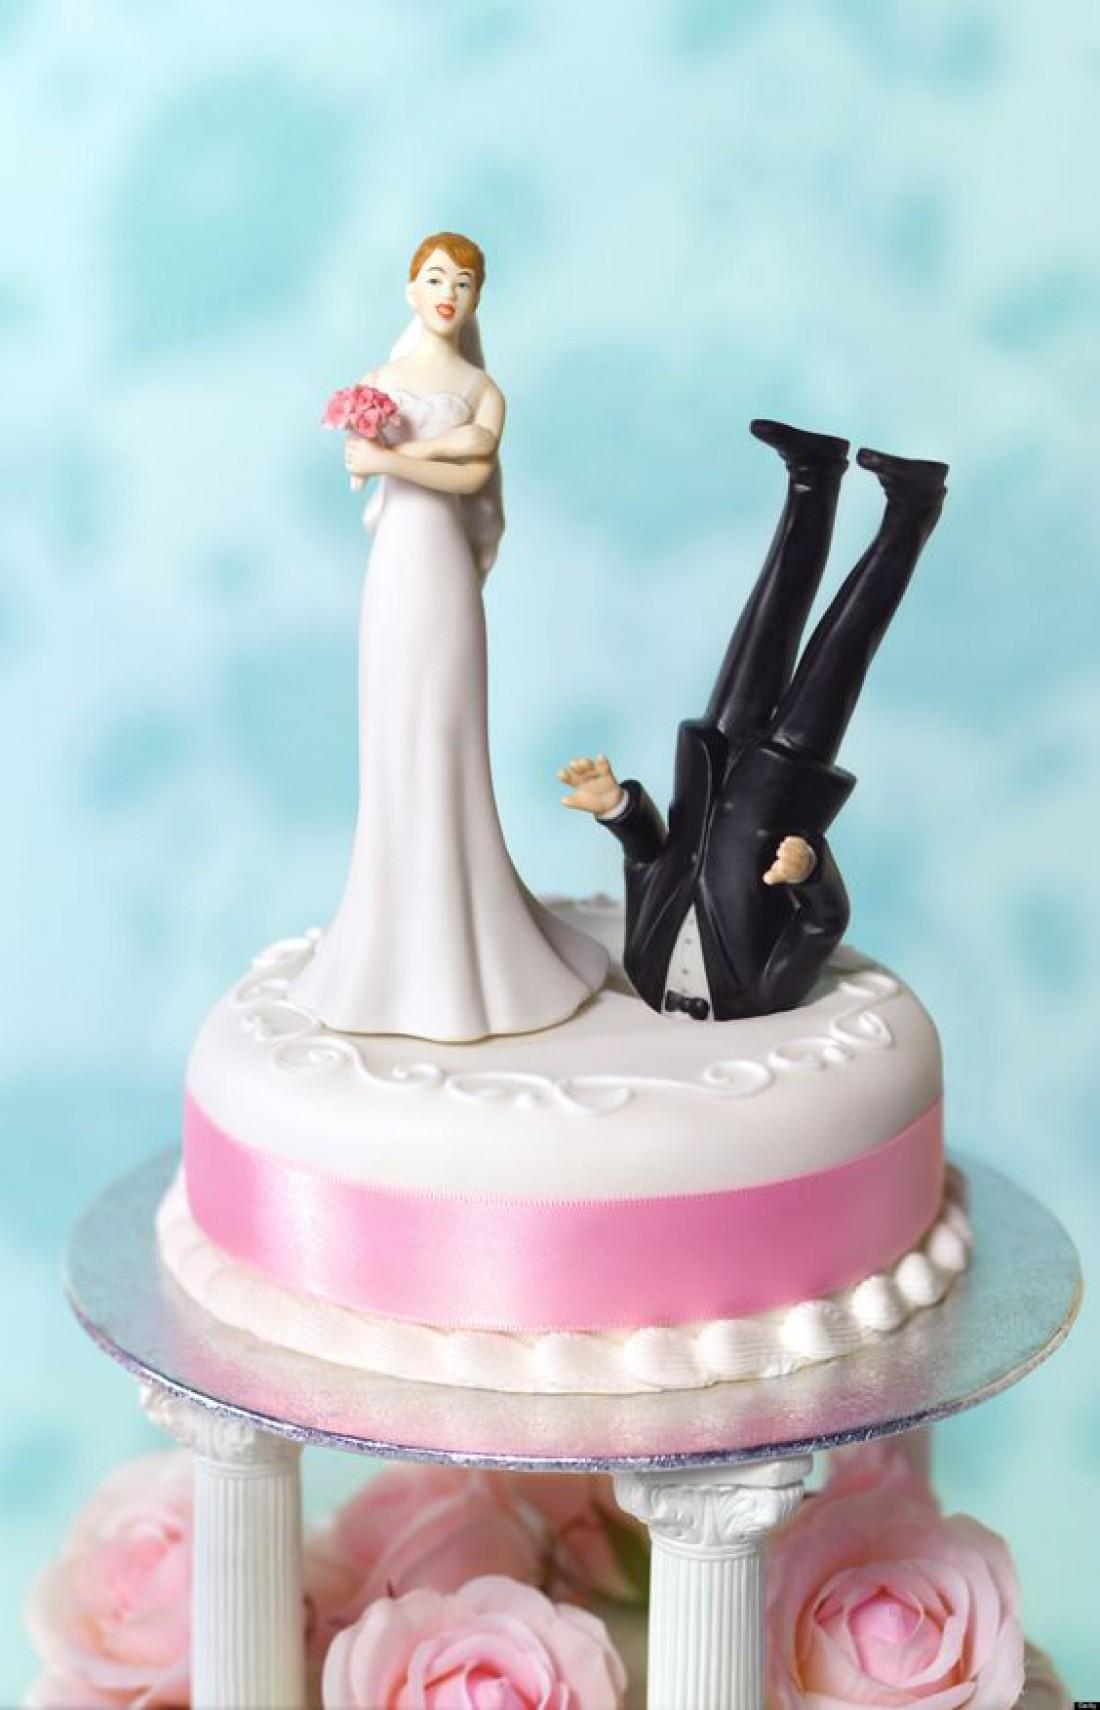 Хороший развод лучше плохого брака: 5 объективных причин